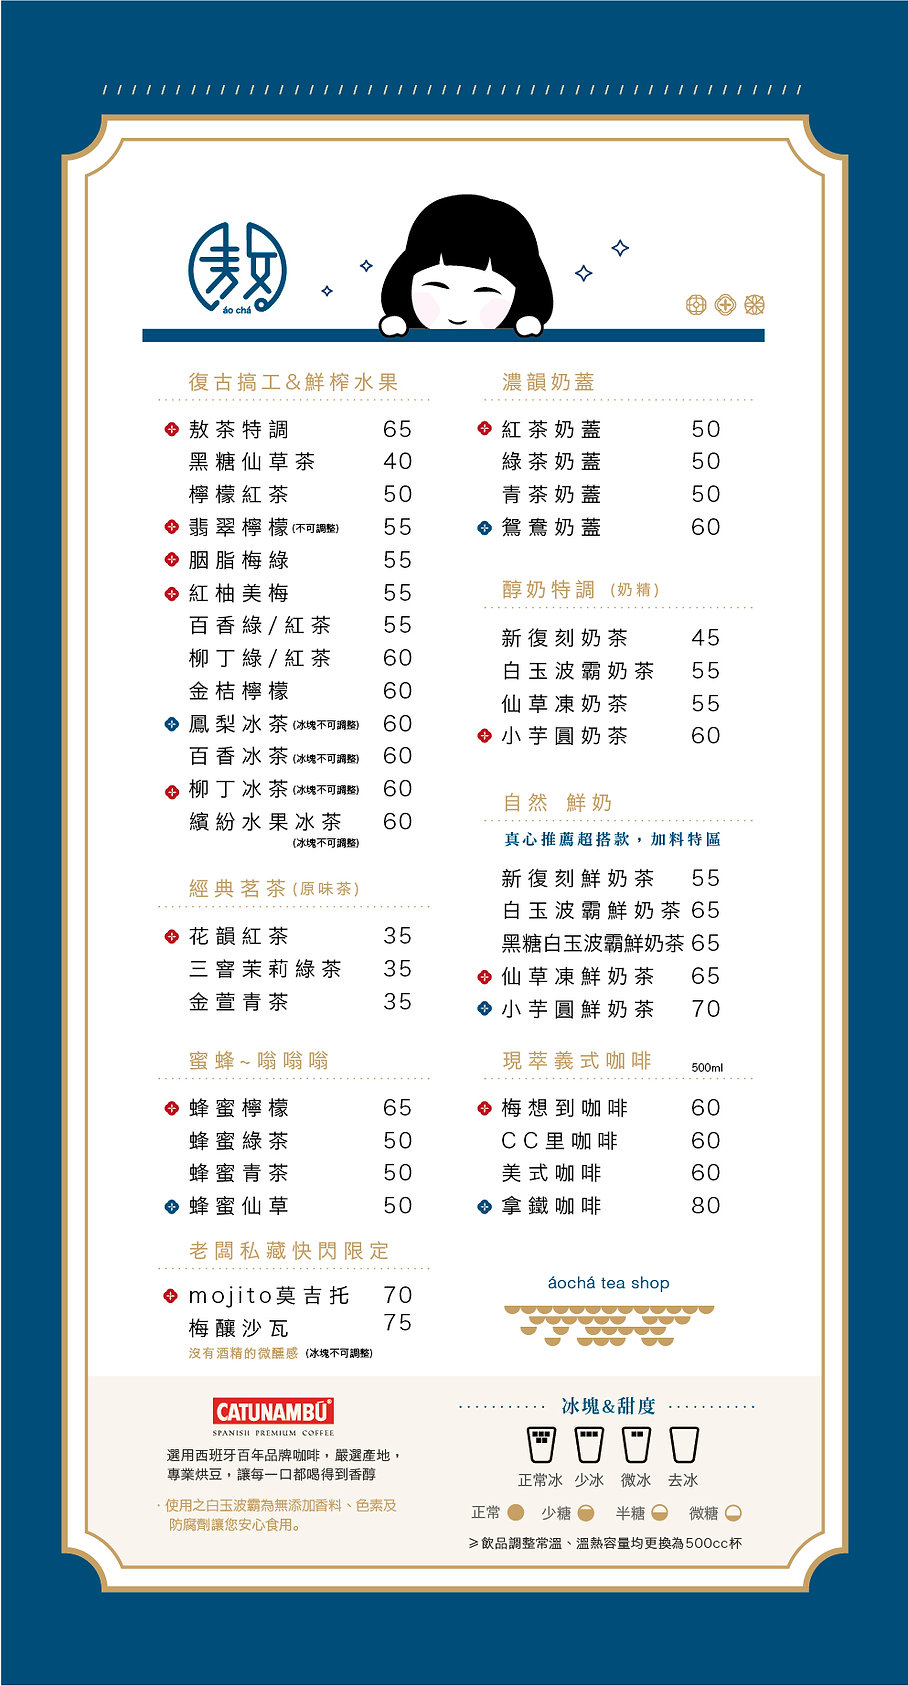 敖茶_菜單W35xH65cm-海報紙20210714_工作區域 1.jpg